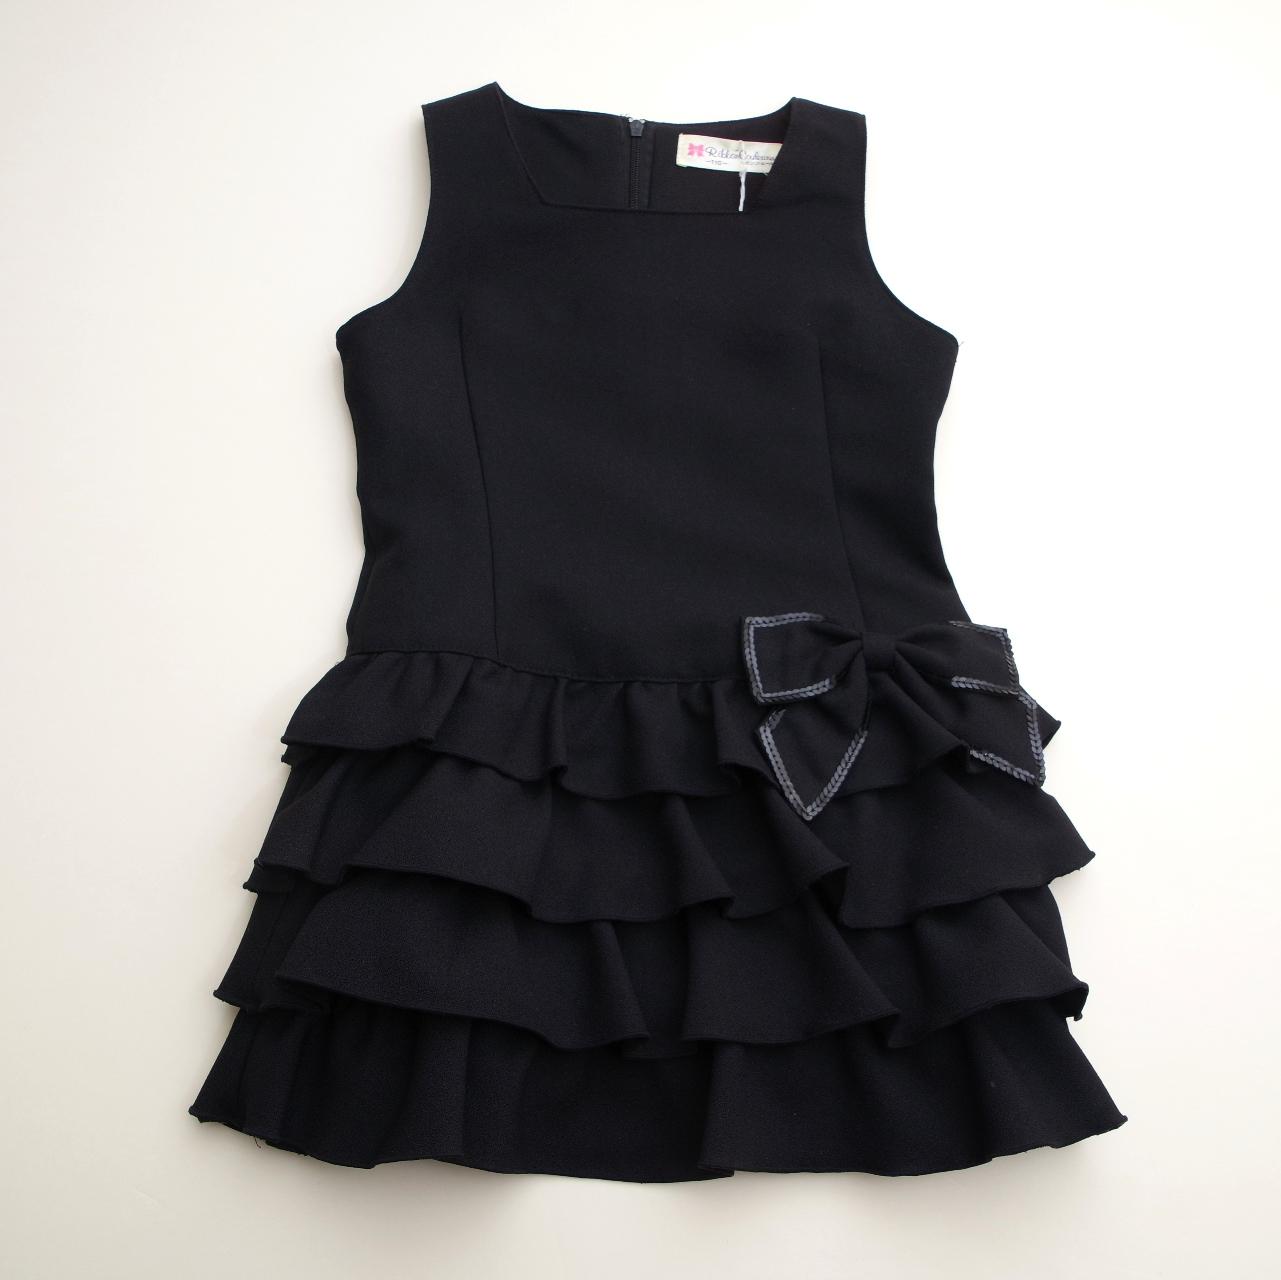 ジャンパースカート ブラック色 110cm/120cm/130cm (517387)